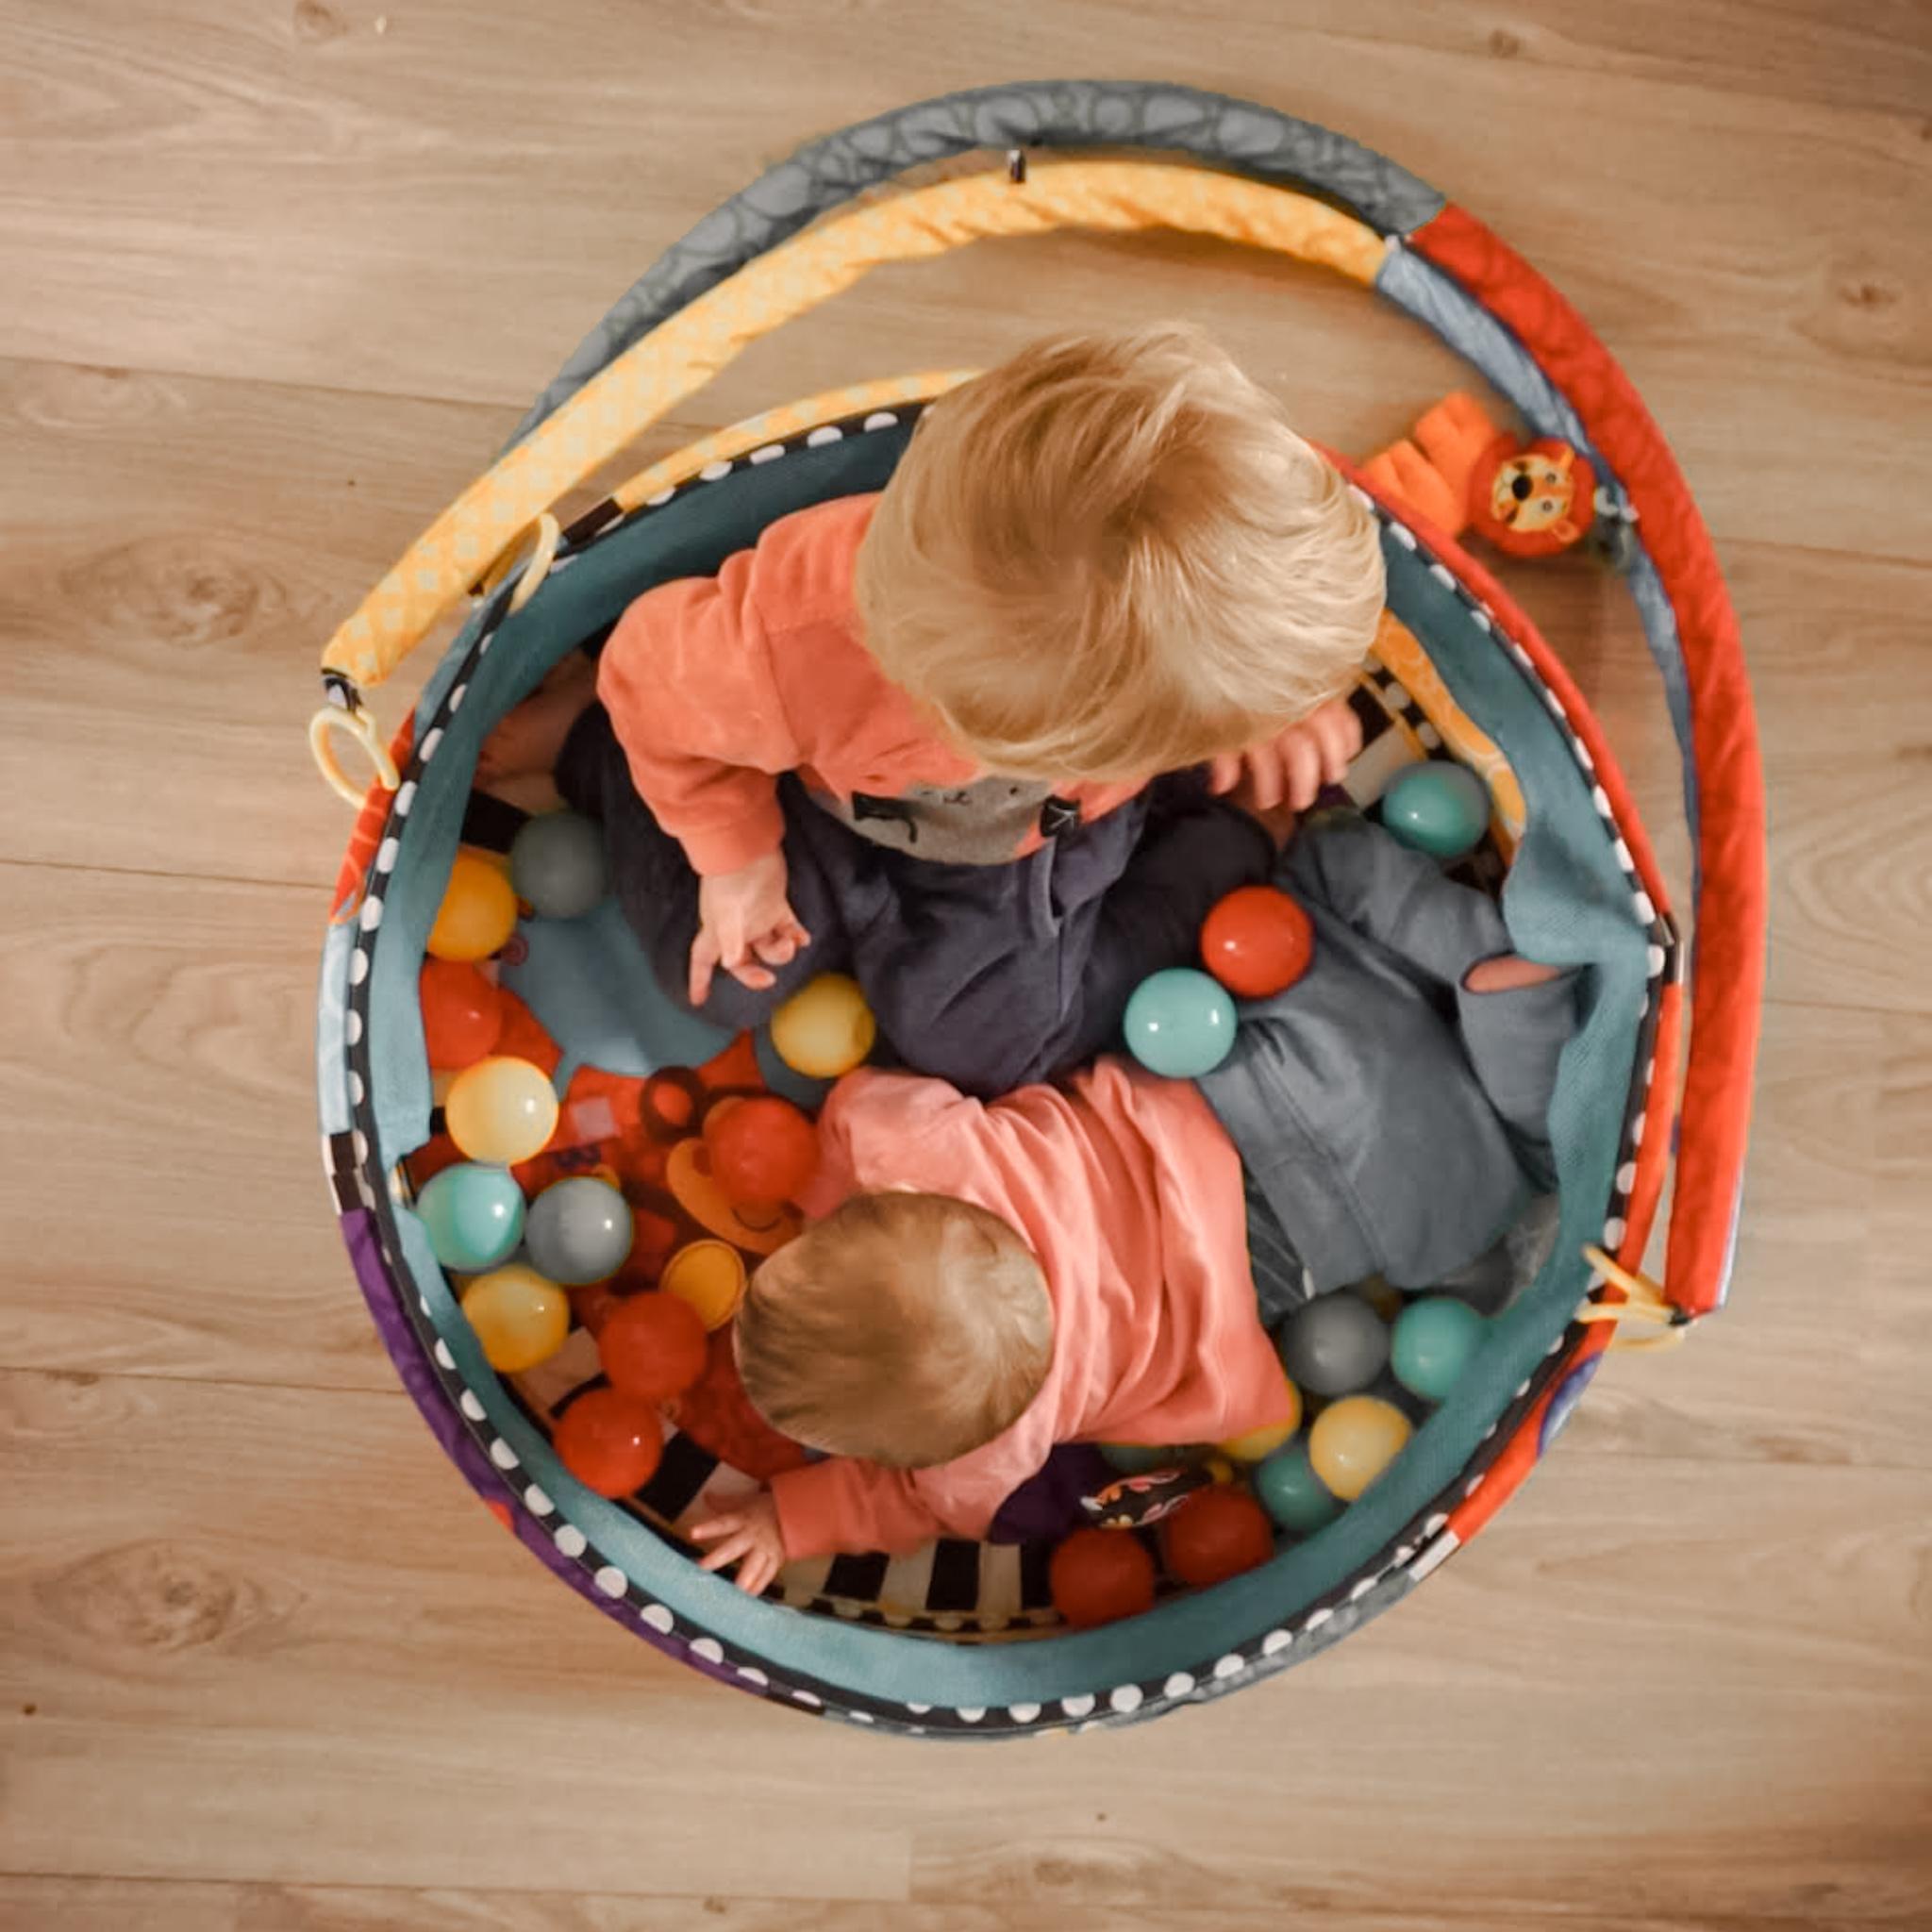 Het leukste speelgoed voor een baby van 6 tot 12 maanden